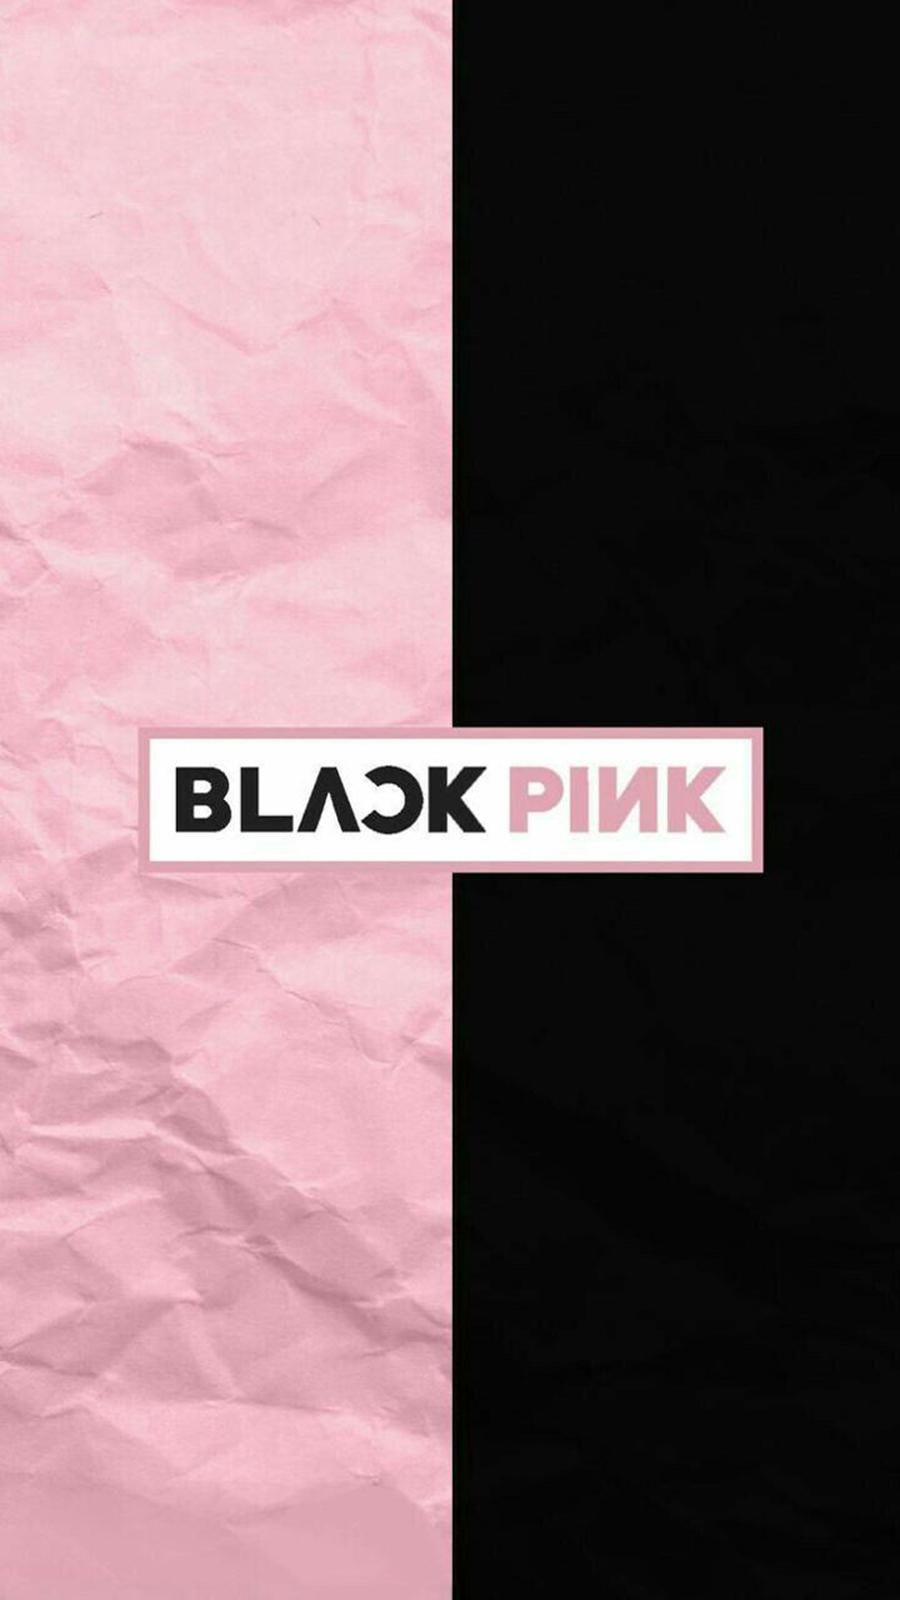 Black & Pink Logo Wallpapers Free Download